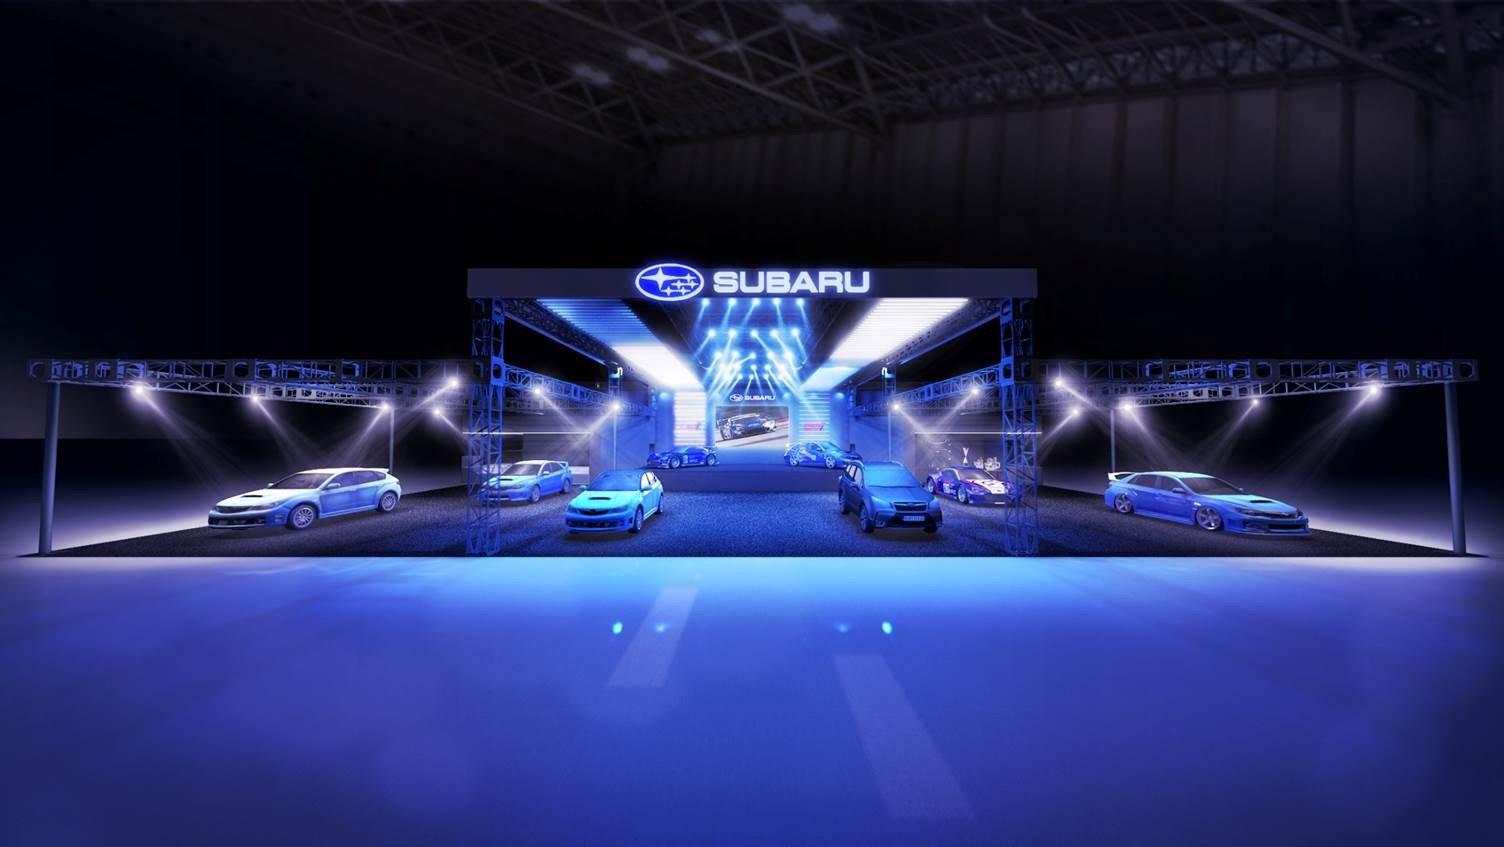 Subaru Tokyo auto salon 2019 (1)